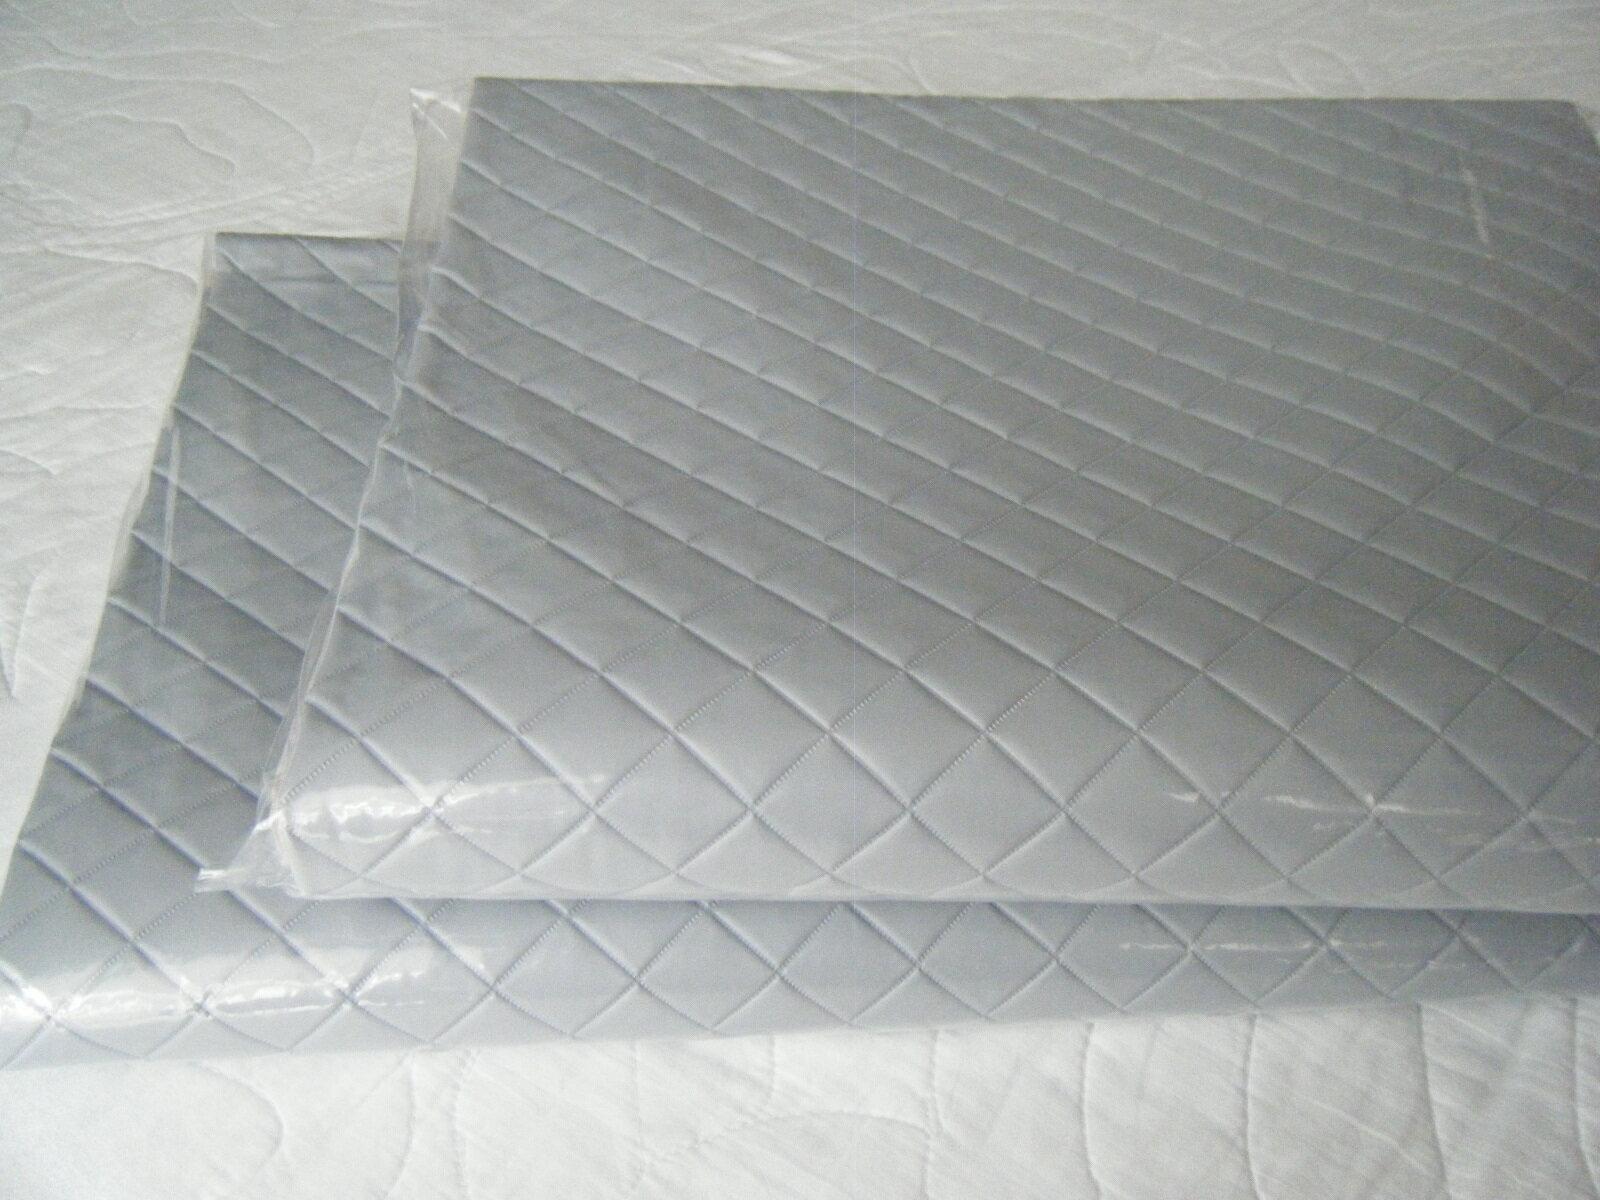 電位治療器 汎用絶縁シート 絶縁マット 120×200cm